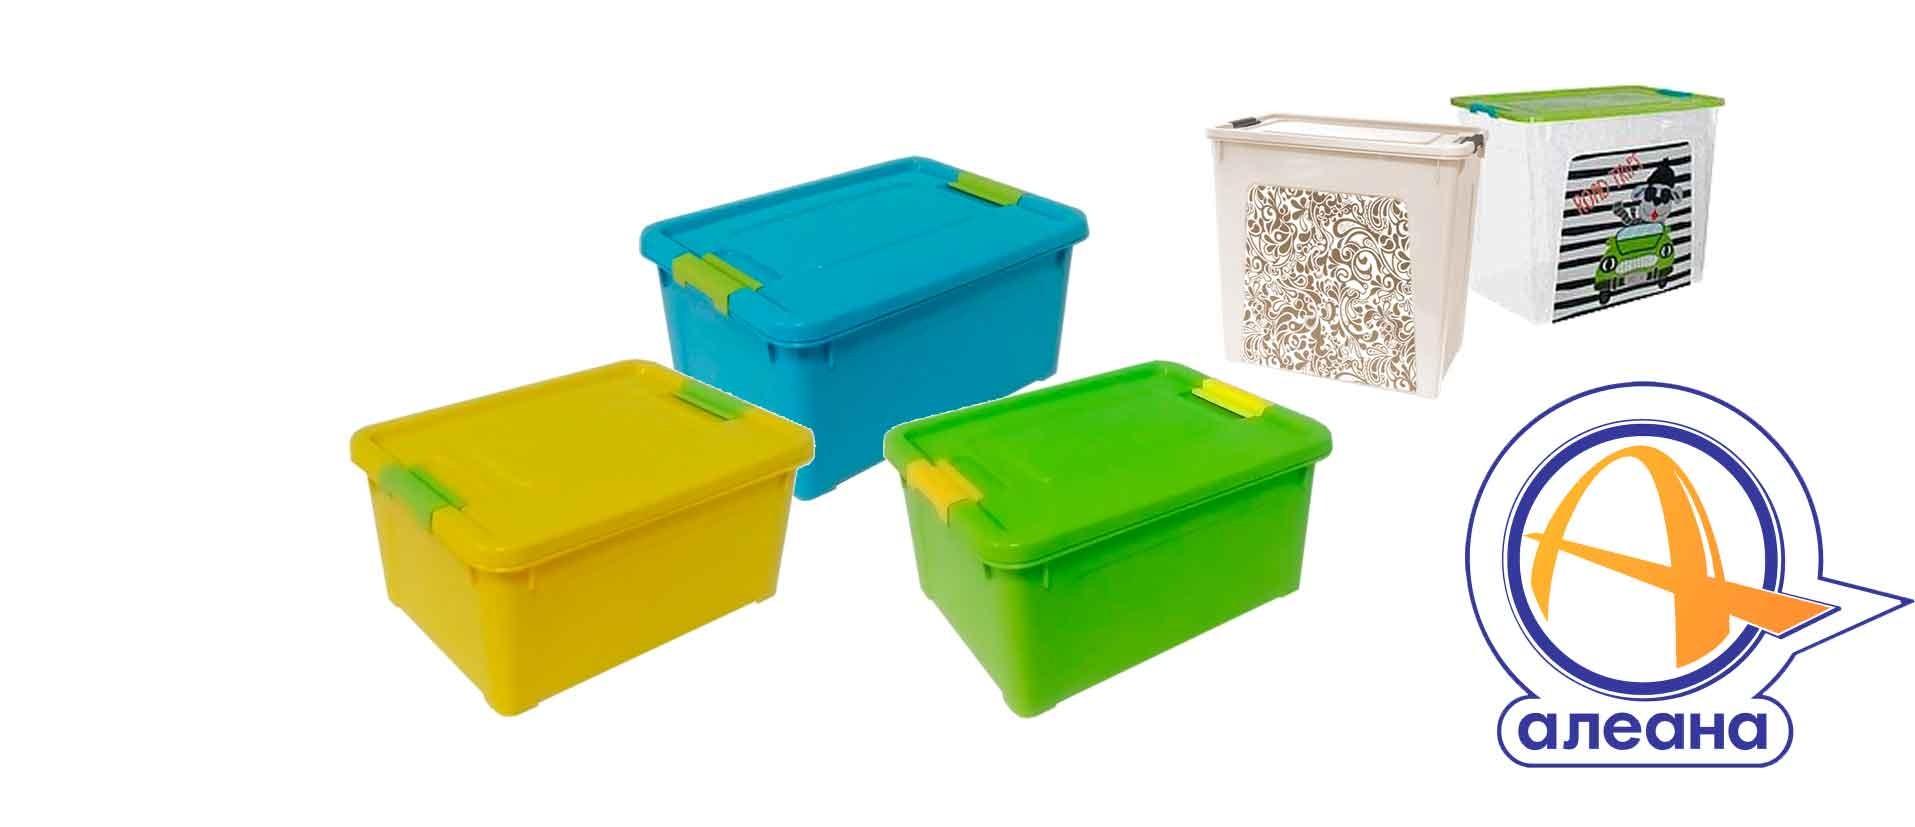 Серия Smart box от Алеаны